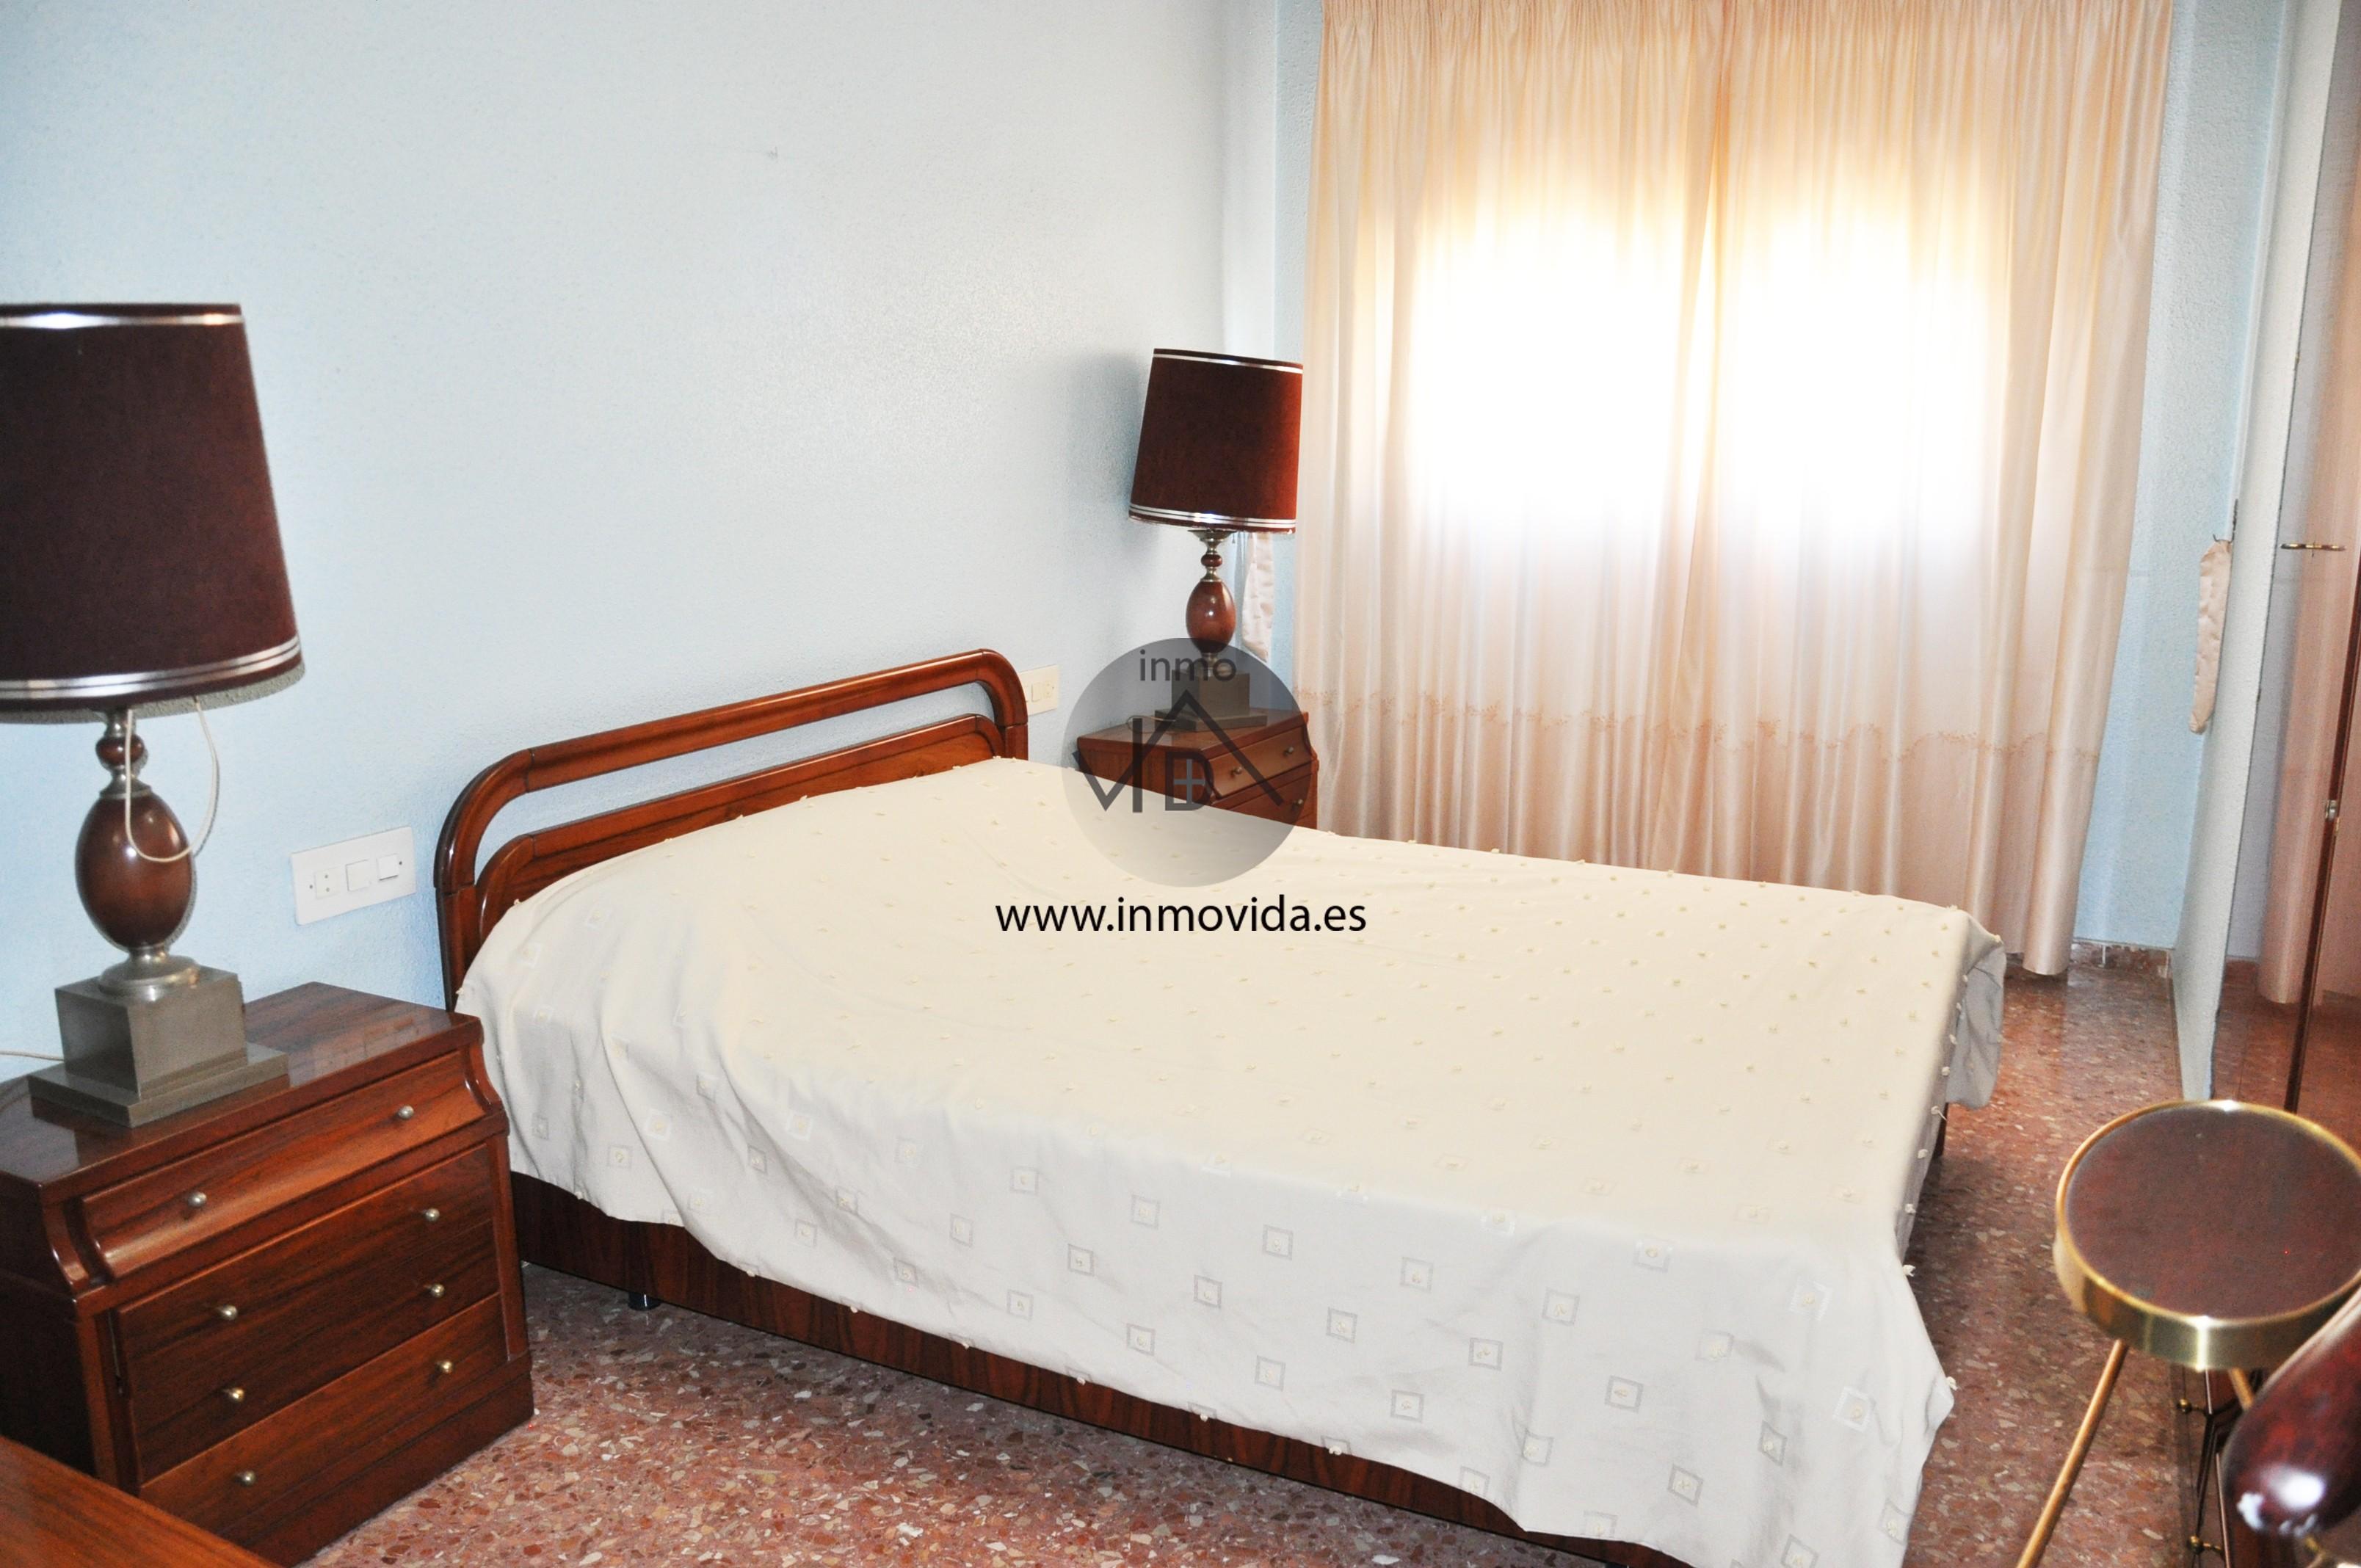 Inmovida Inmobiliaria dormitorio piso en Manuel